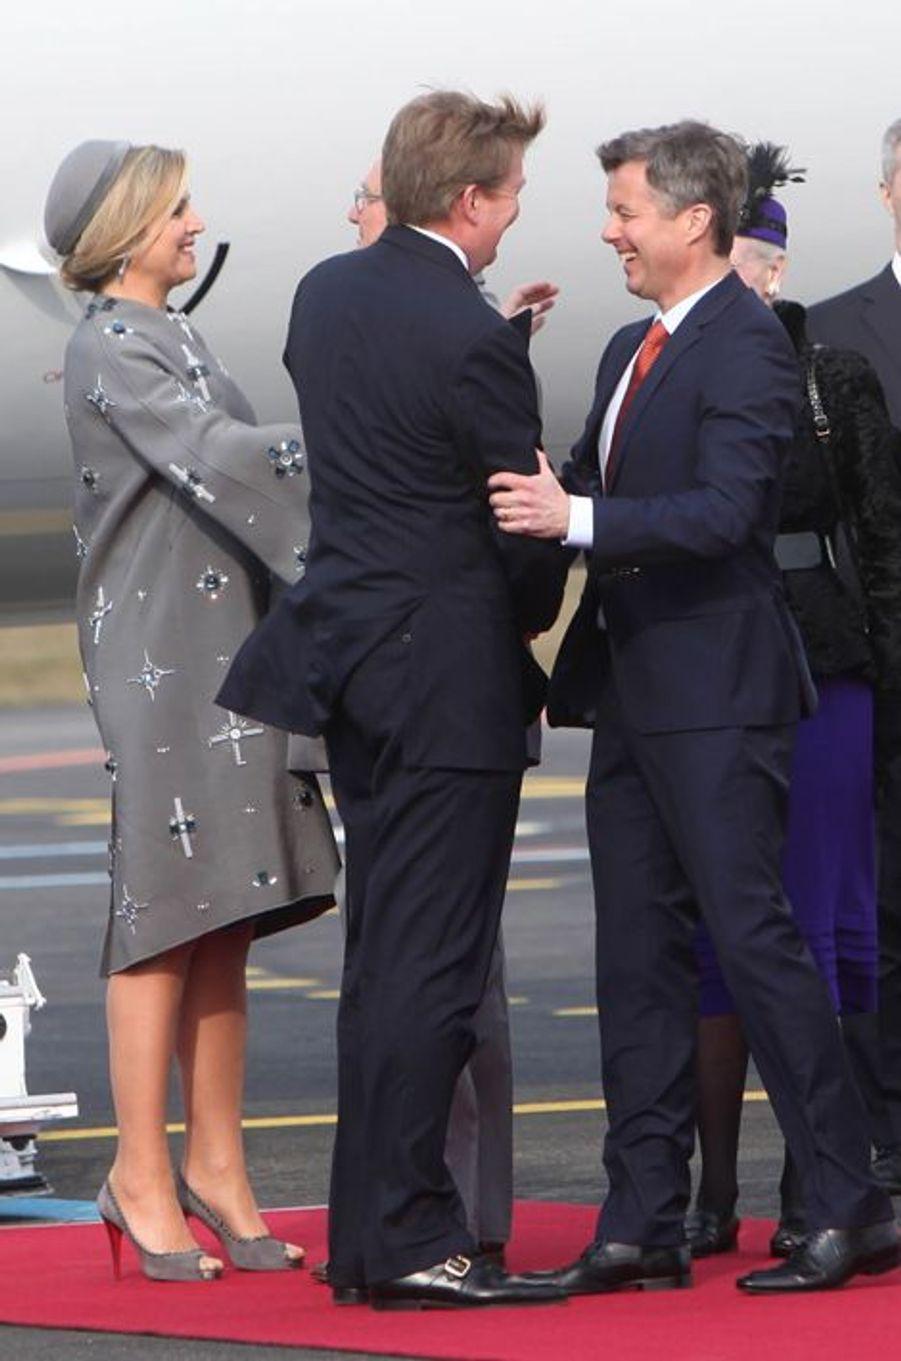 La reine Maxima et le roi Willem-Alexander des Pays-Bas avec le prince Frederik de Danemark à l'aéroport de Copenhague, le 17 mars 2015